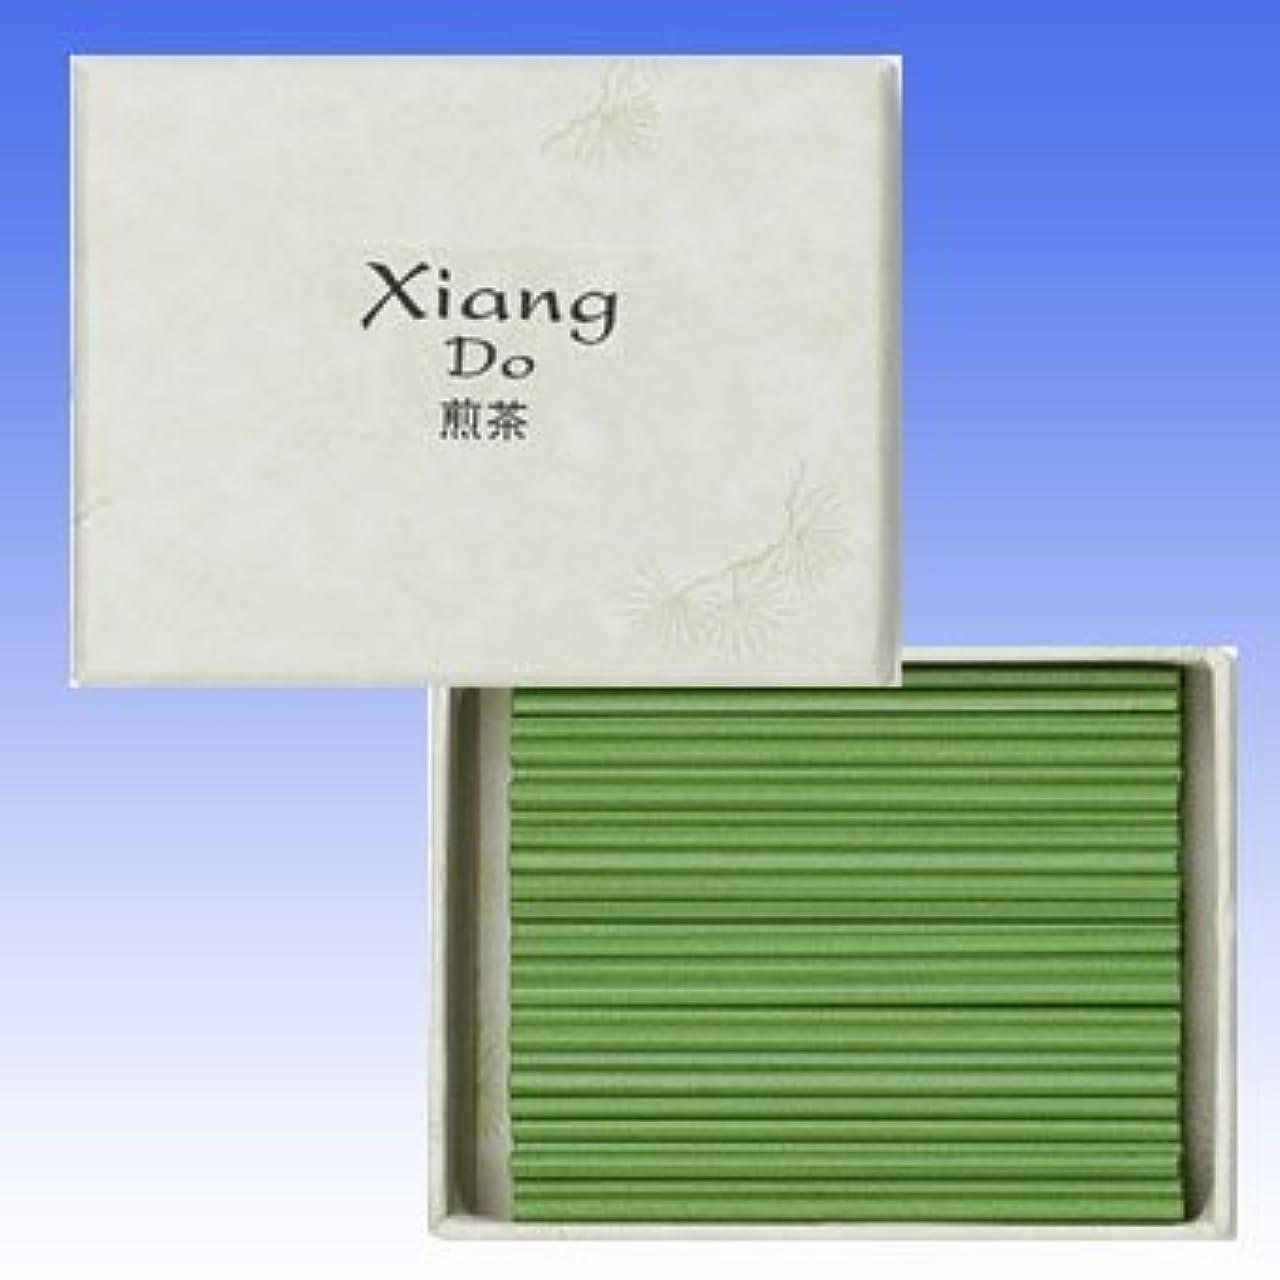 主人応じる問題松栄堂 Xiang Do(シァン ドゥ) 徳用120本入 (煎茶)